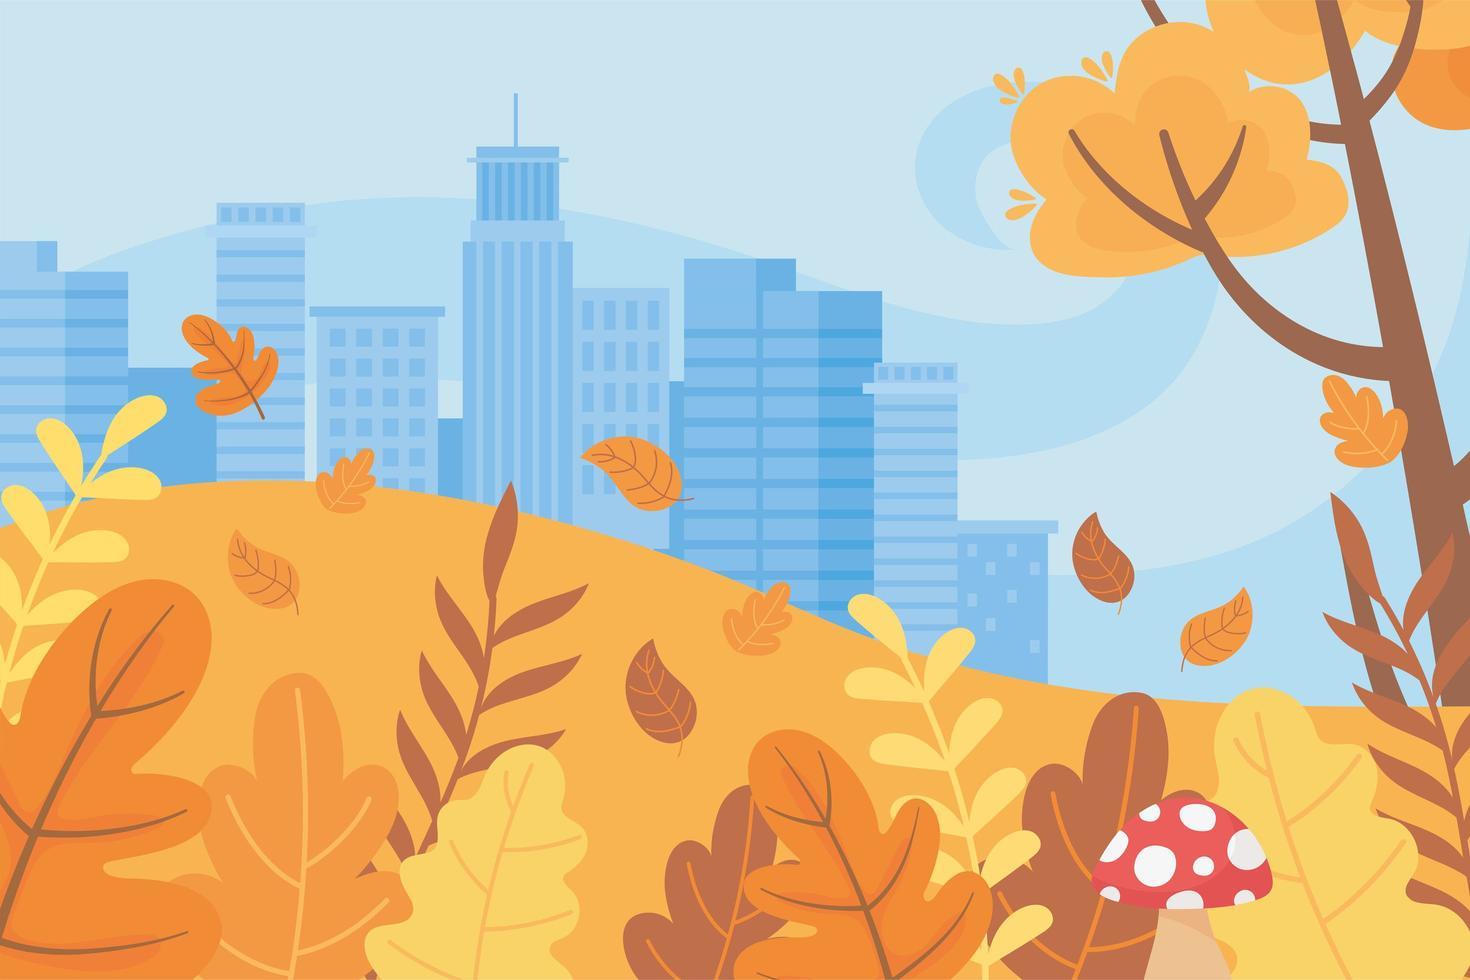 landskap på hösten. stadens stadsbyggnader och träd vektor